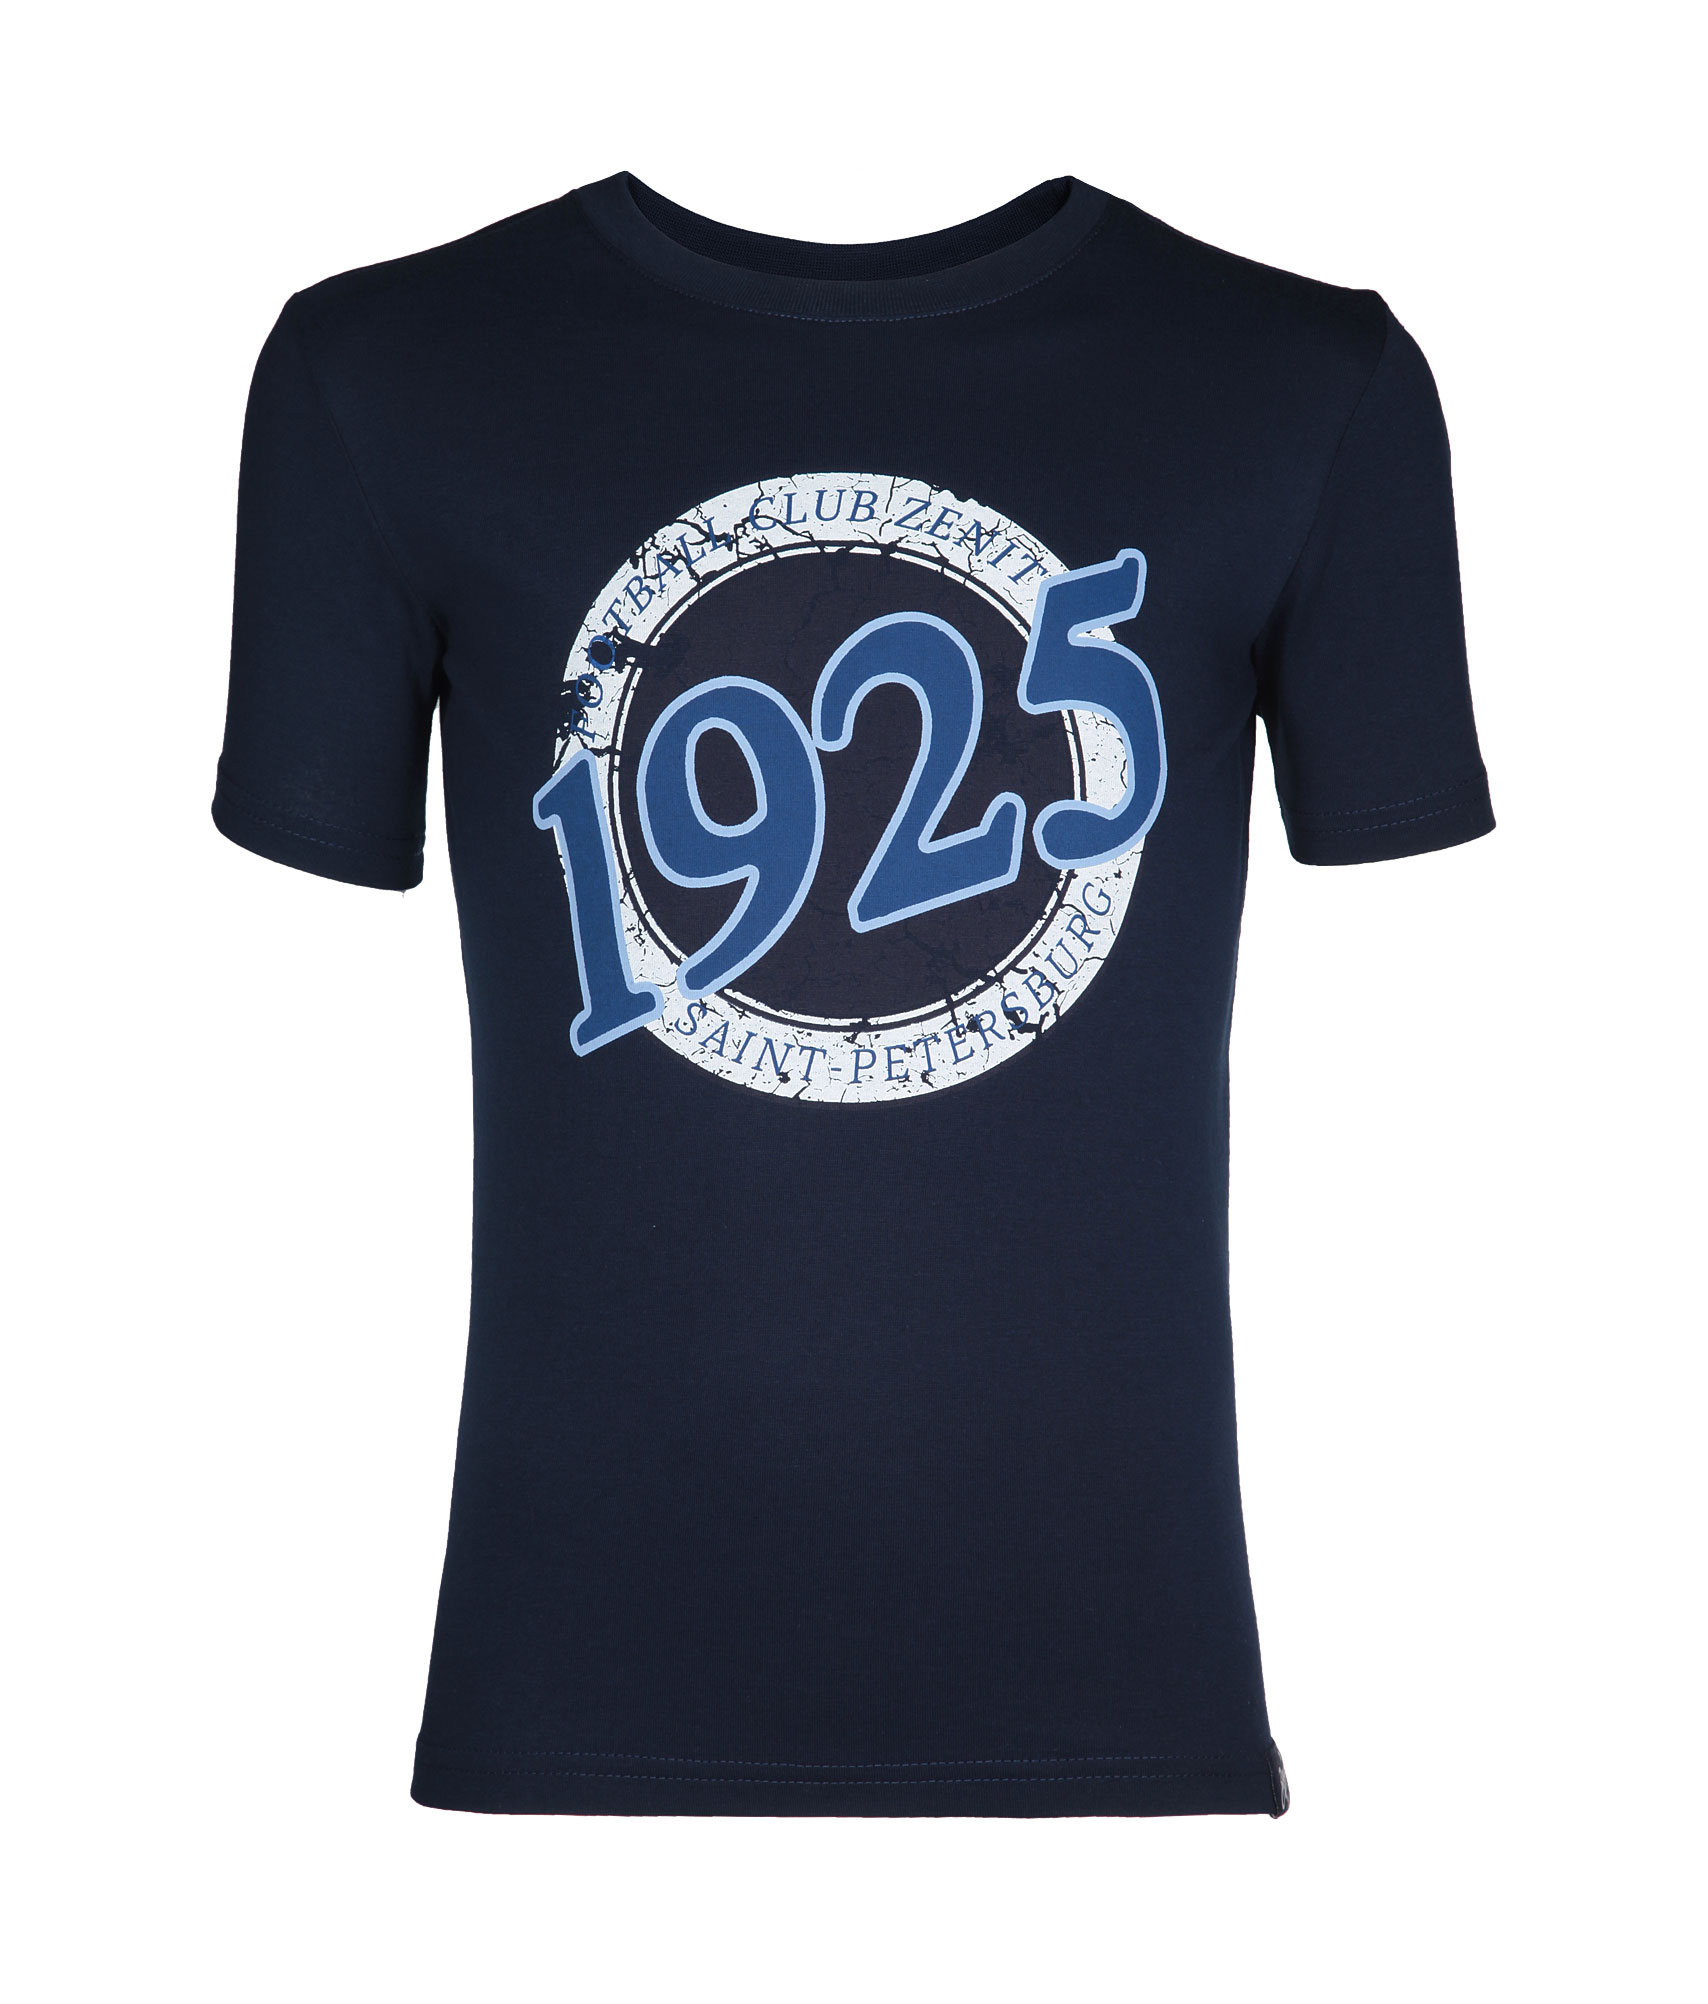 цены Футболка подростковая, Цвет-Темно-Синий, Размер-140-146